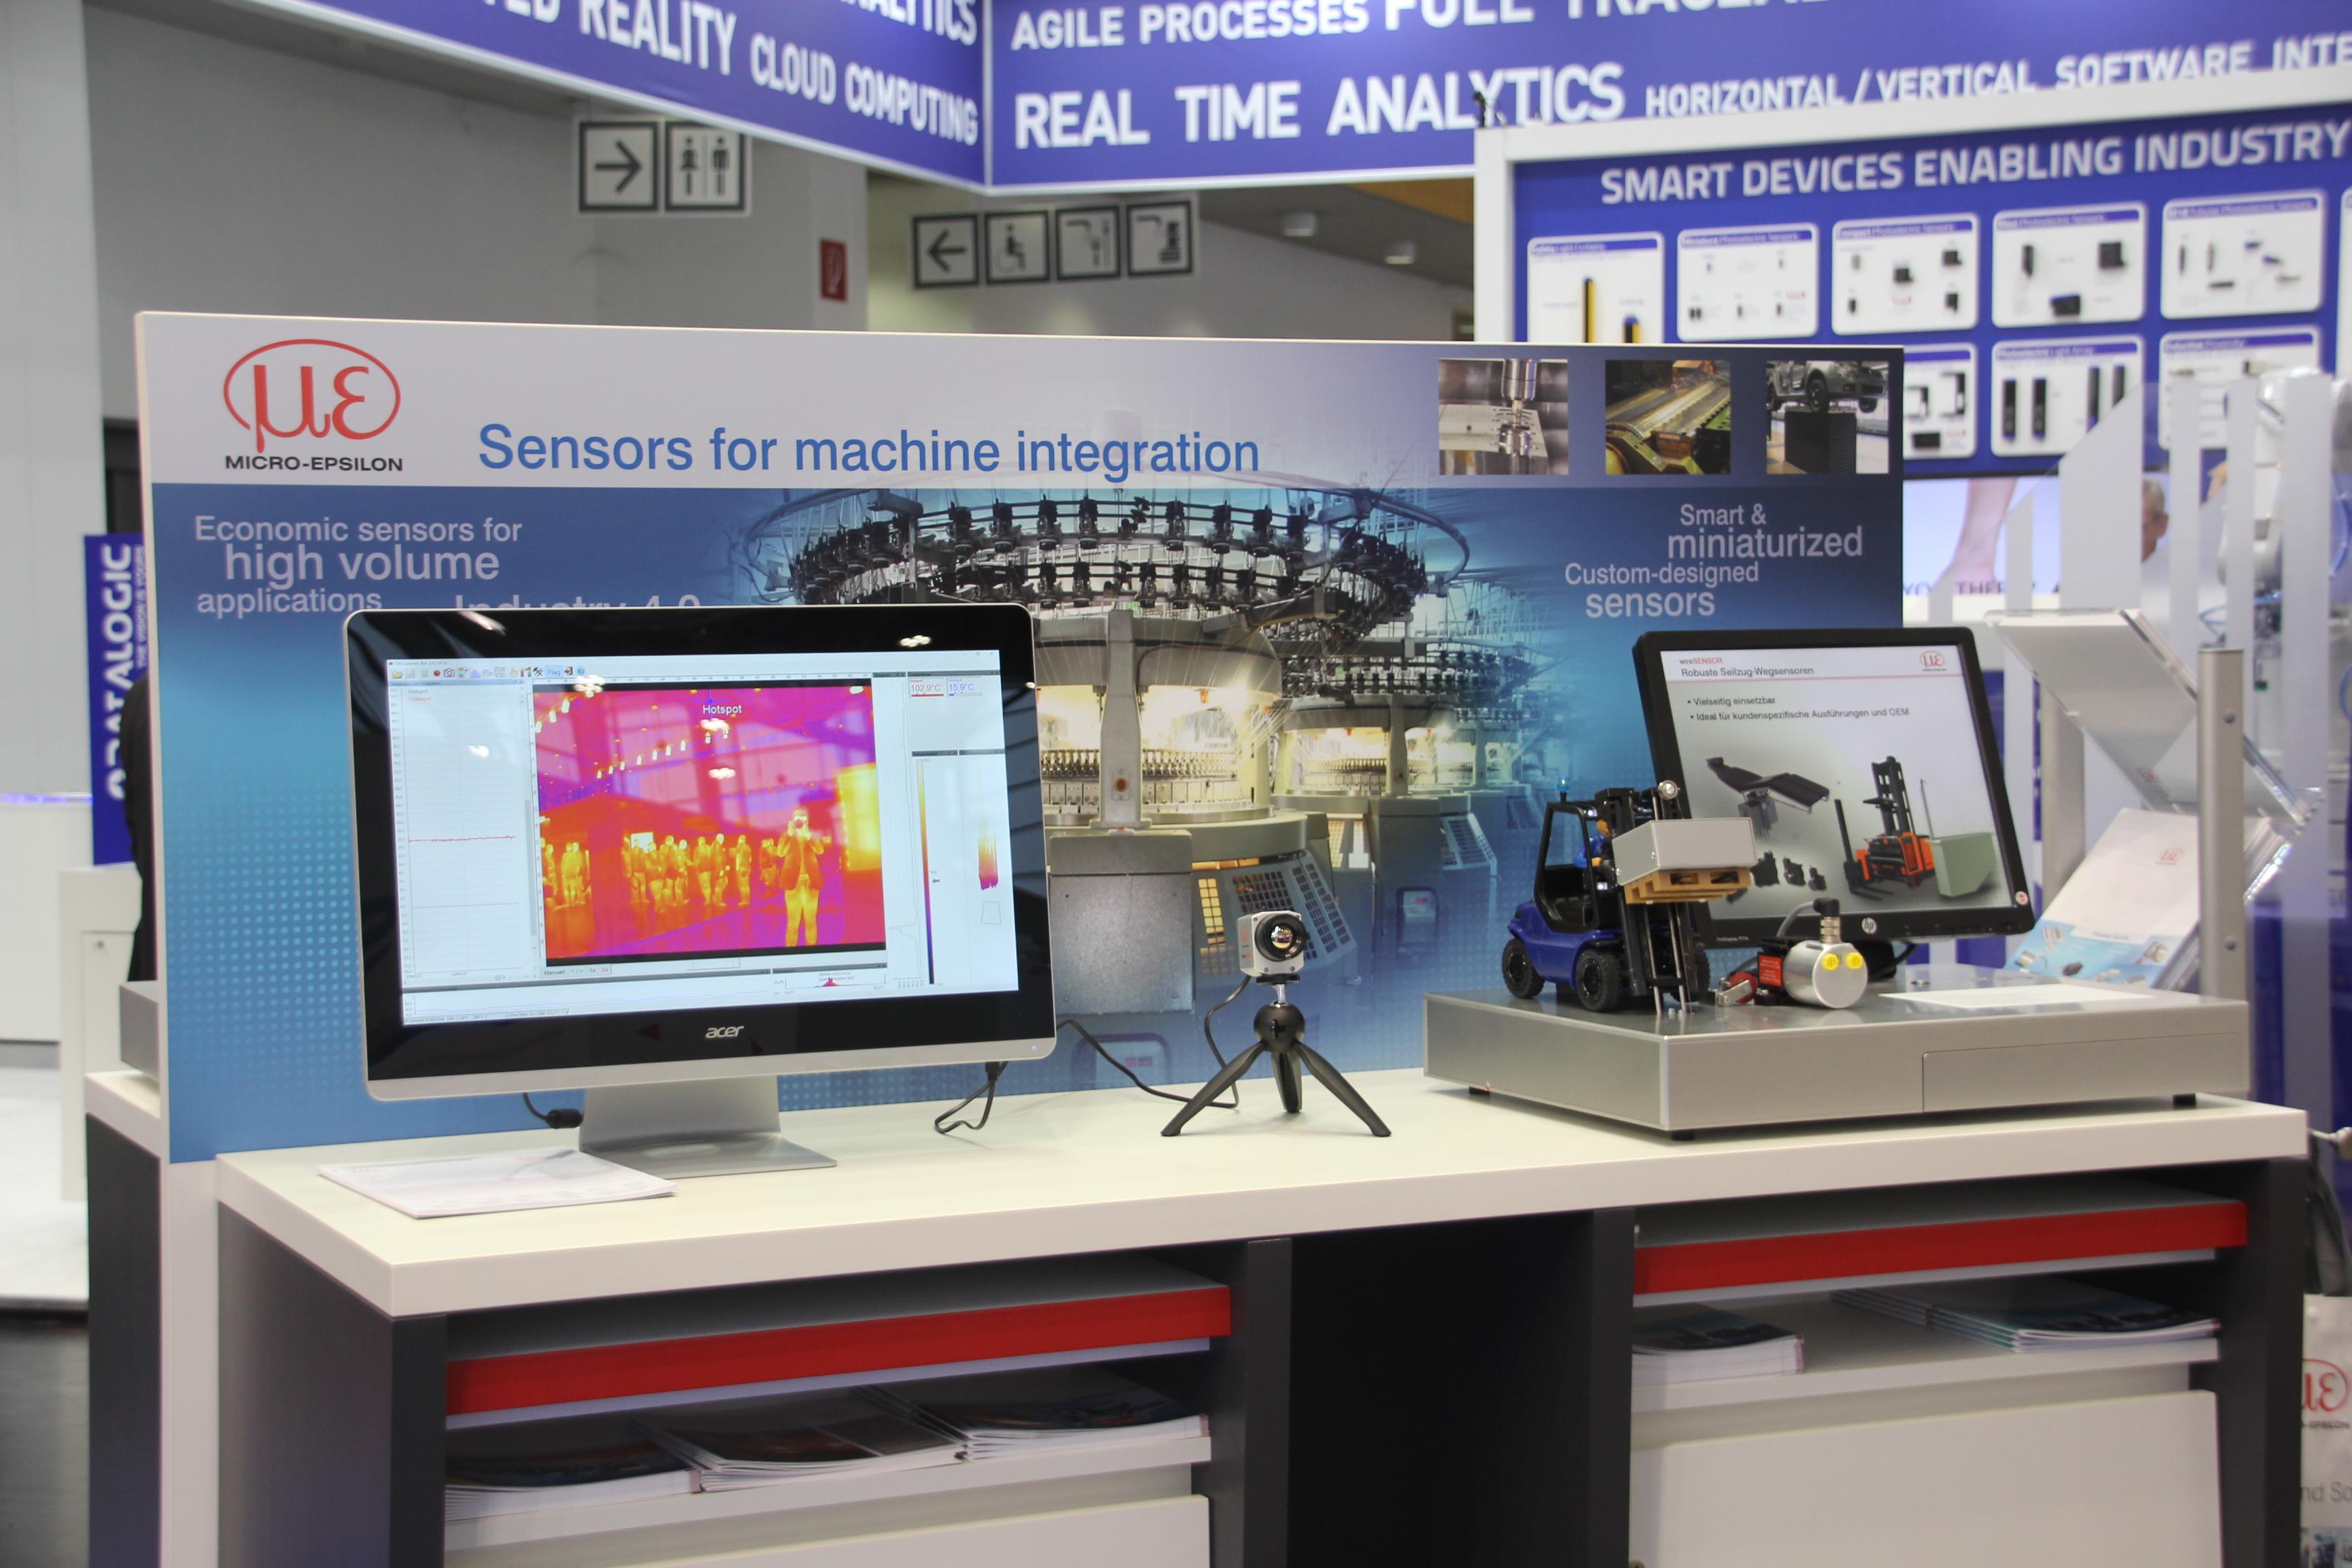 Micro-Epsilon zeigt Sensoren für die Maschinenintegration